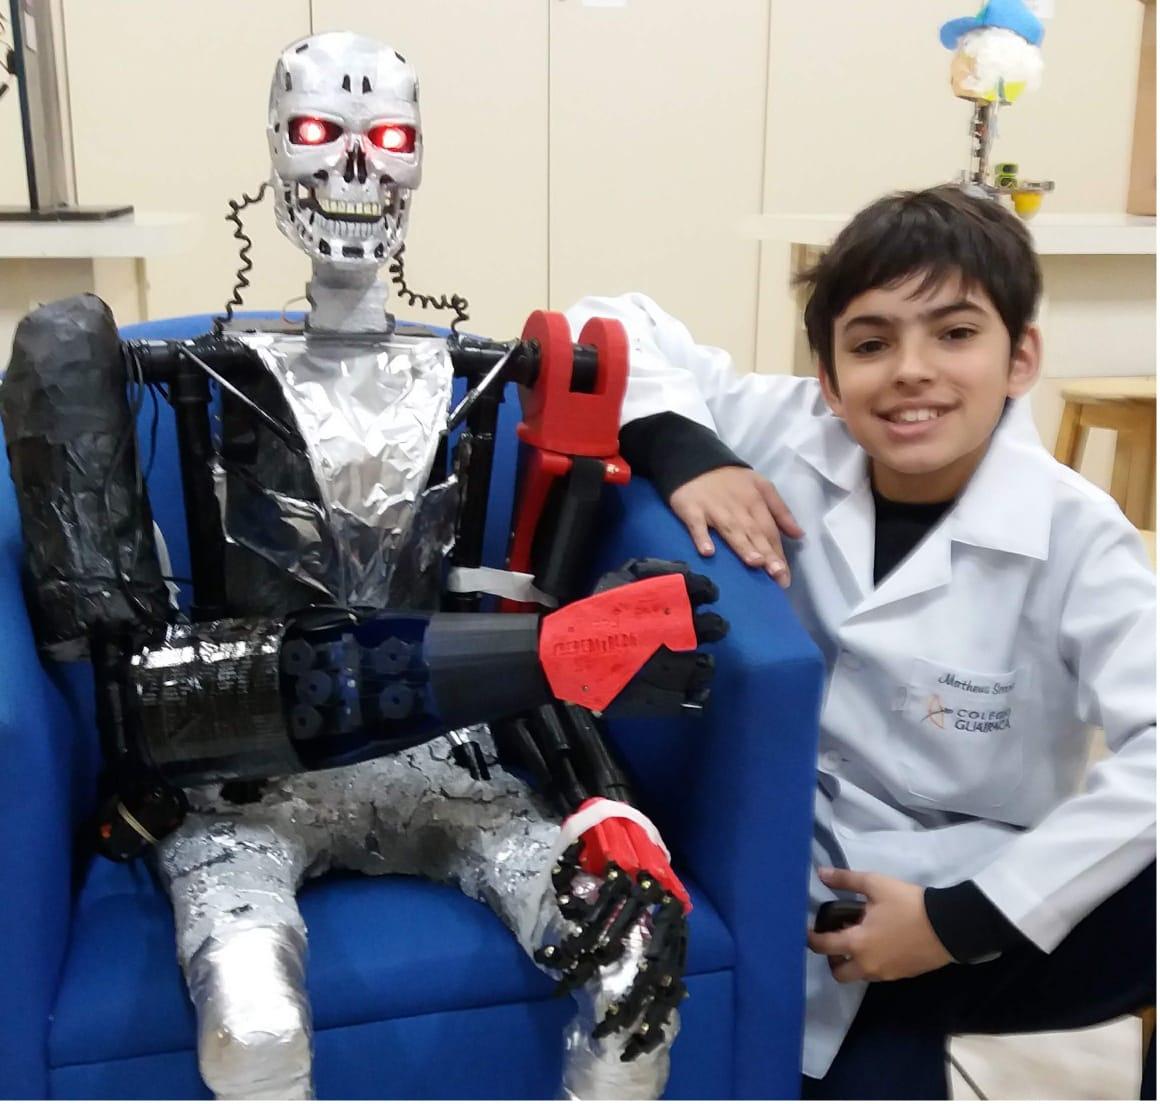 Oficina de robótica